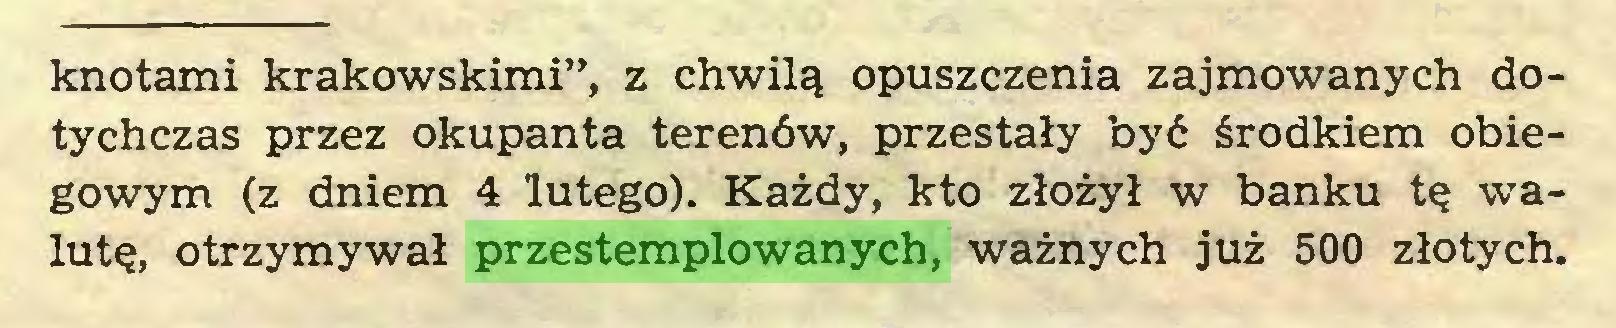 """(...) knotami krakowskimi"""", z chwilą opuszczenia zajmowanych dotychczas przez okupanta terenów, przestały być środkiem obiegowym (z dniem 4 lutego). Każdy, kto złożył w banku tę walutę, otrzymywał przestemplowanych, ważnych już 500 złotych..."""